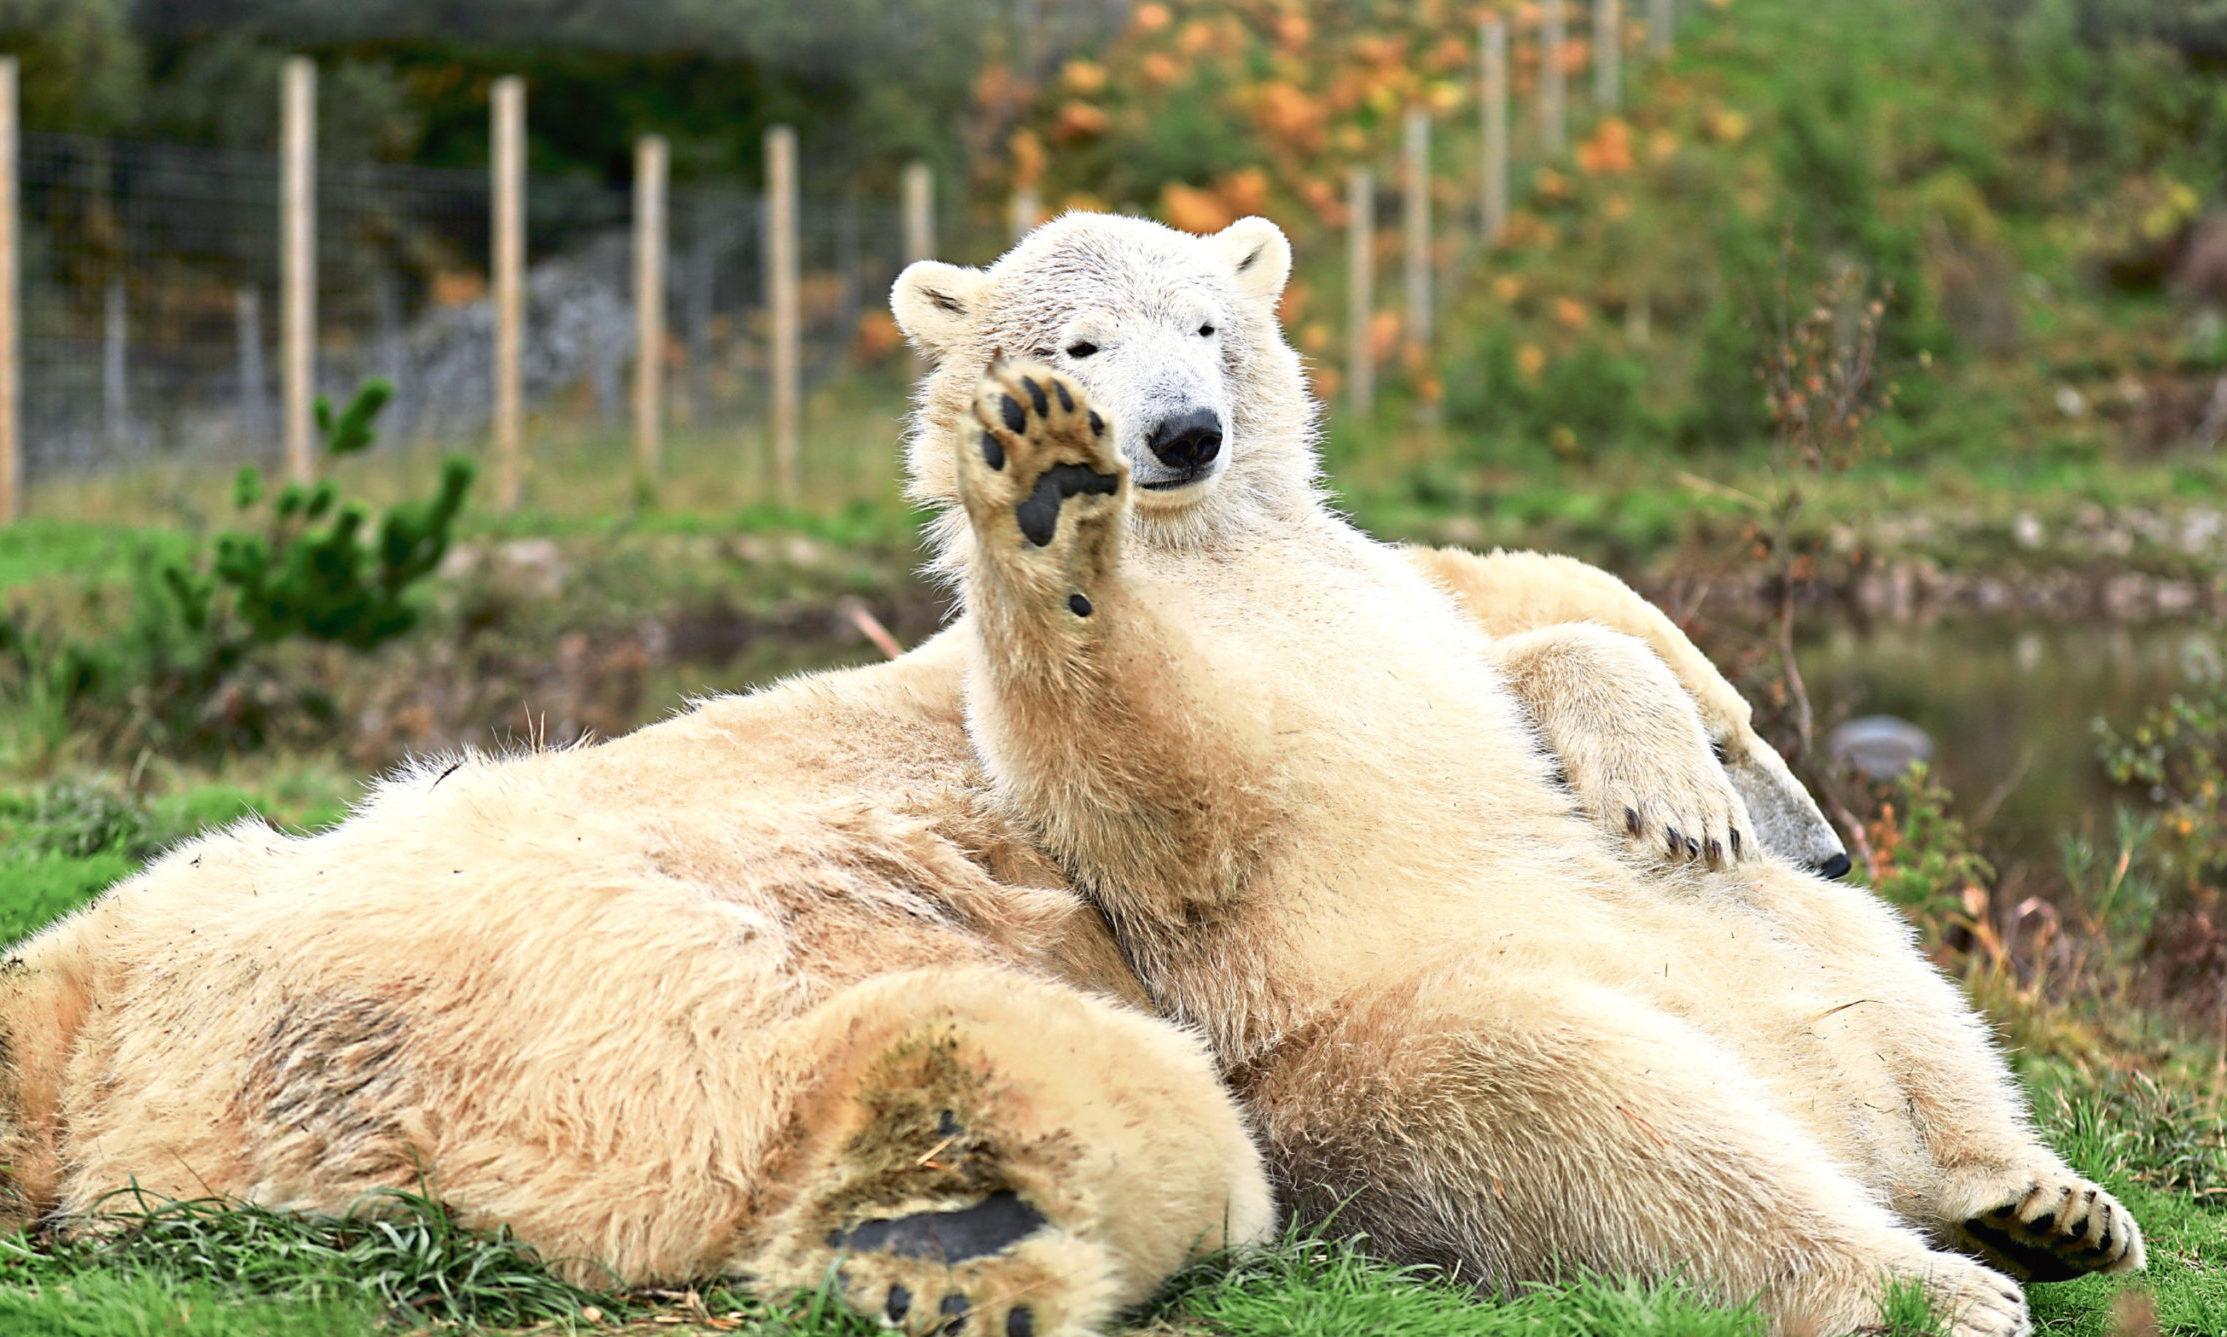 Hamish the polar bear at Highland Wildlife Park.